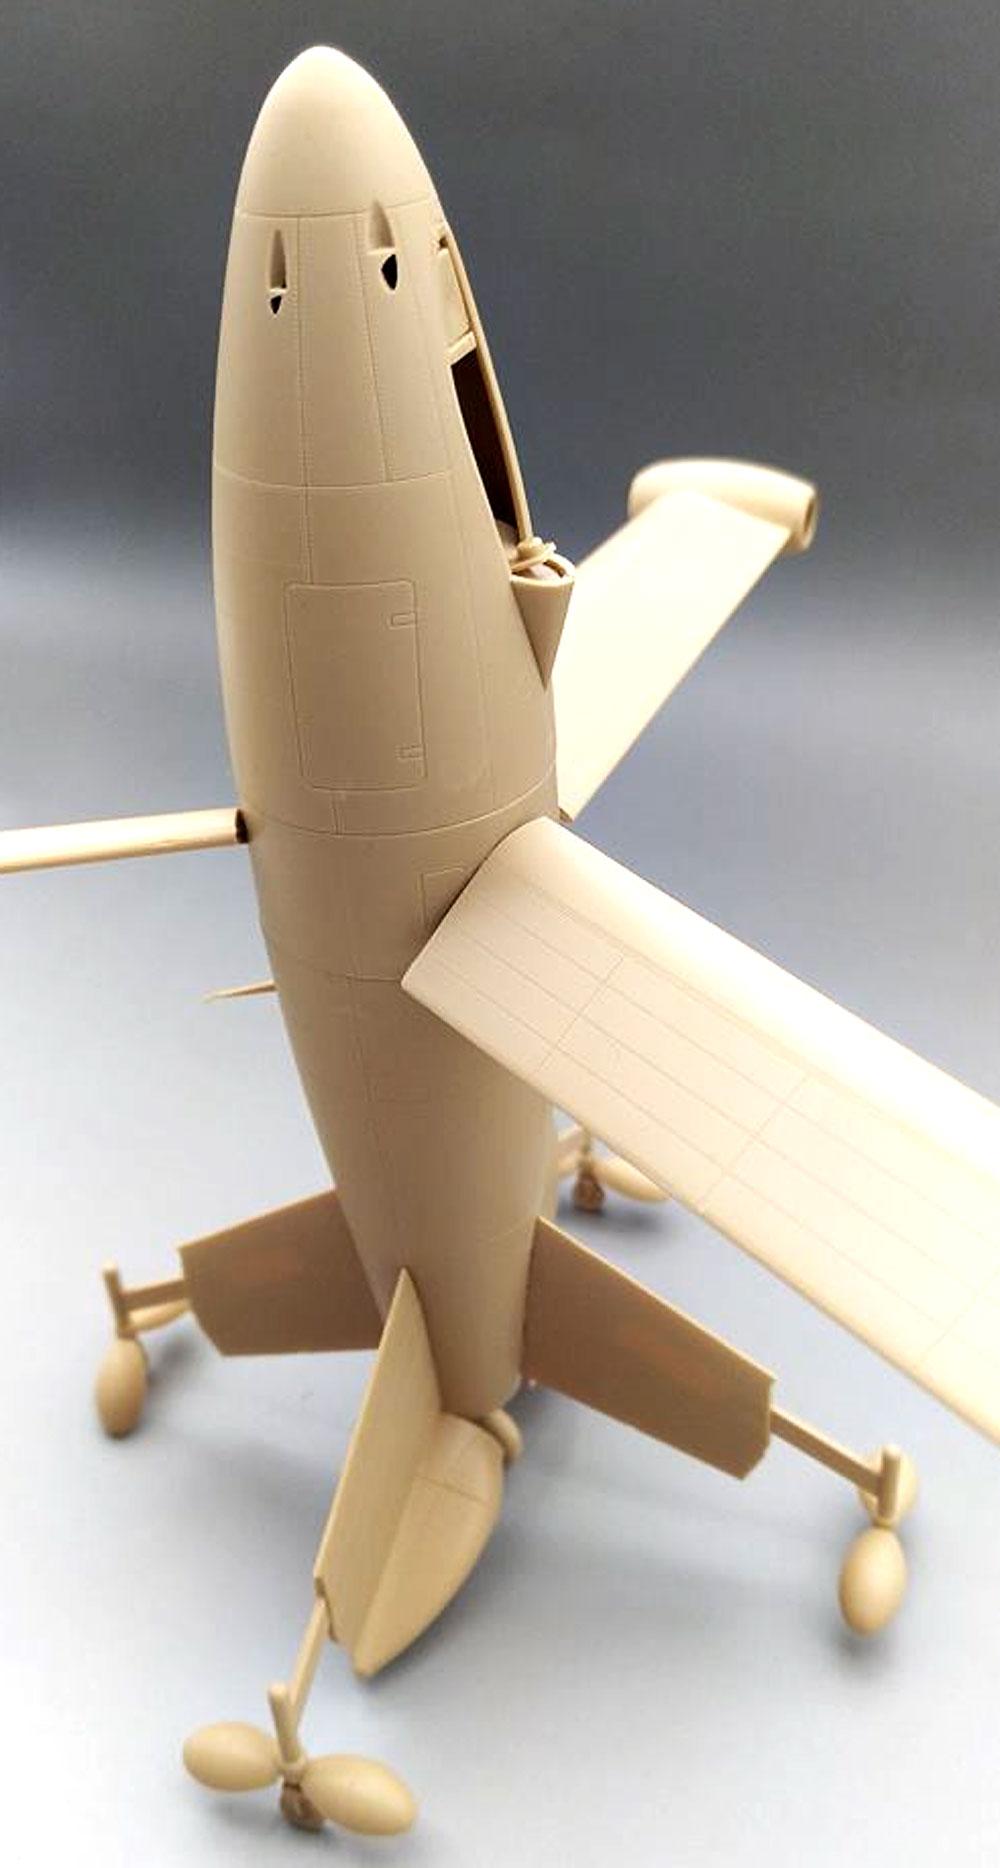 フォッケウルフ トリープフリューゲル ドイツ 垂直離着陸迎撃機プラモデル(アミュージングホビー1/48 エアクラフトNo.48A001)商品画像_3